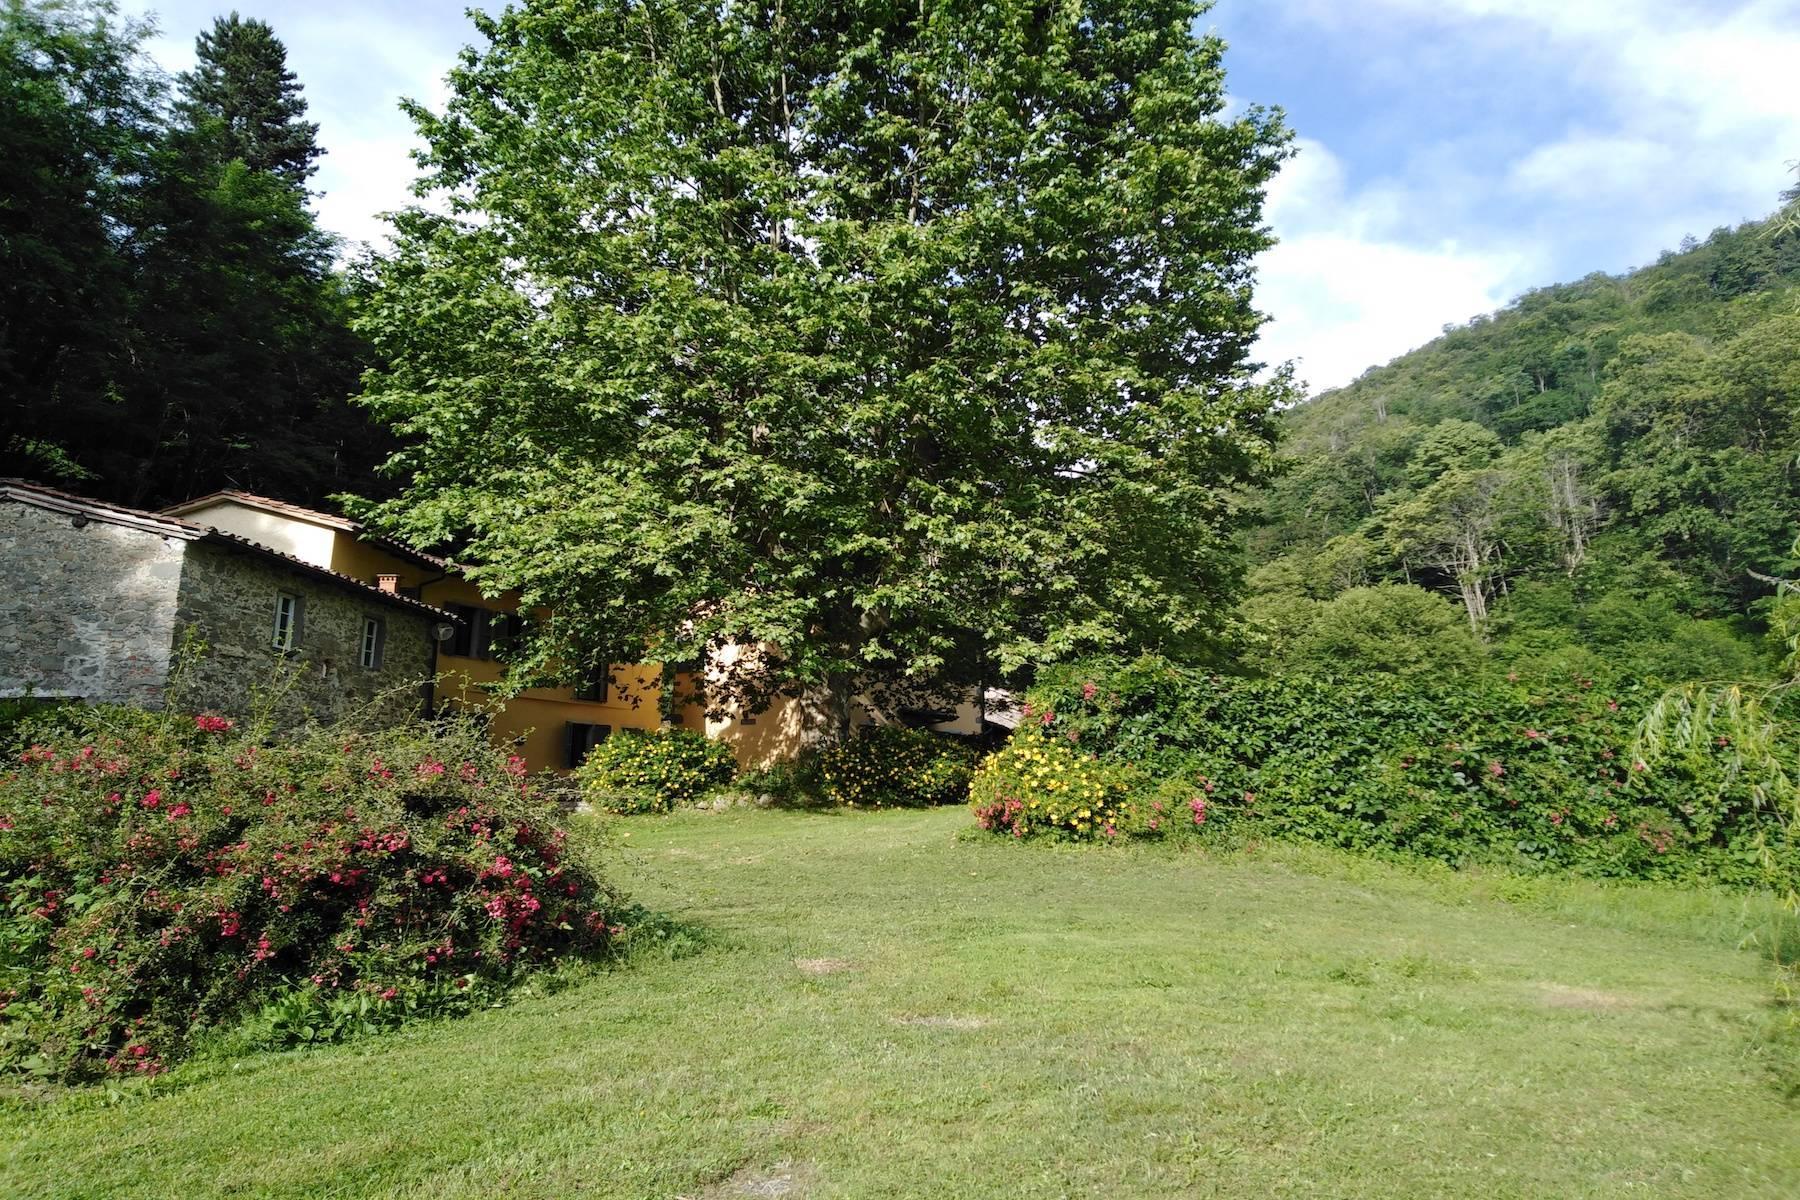 Maison de campagne enchantée sur les collines autour de Lucca - 16